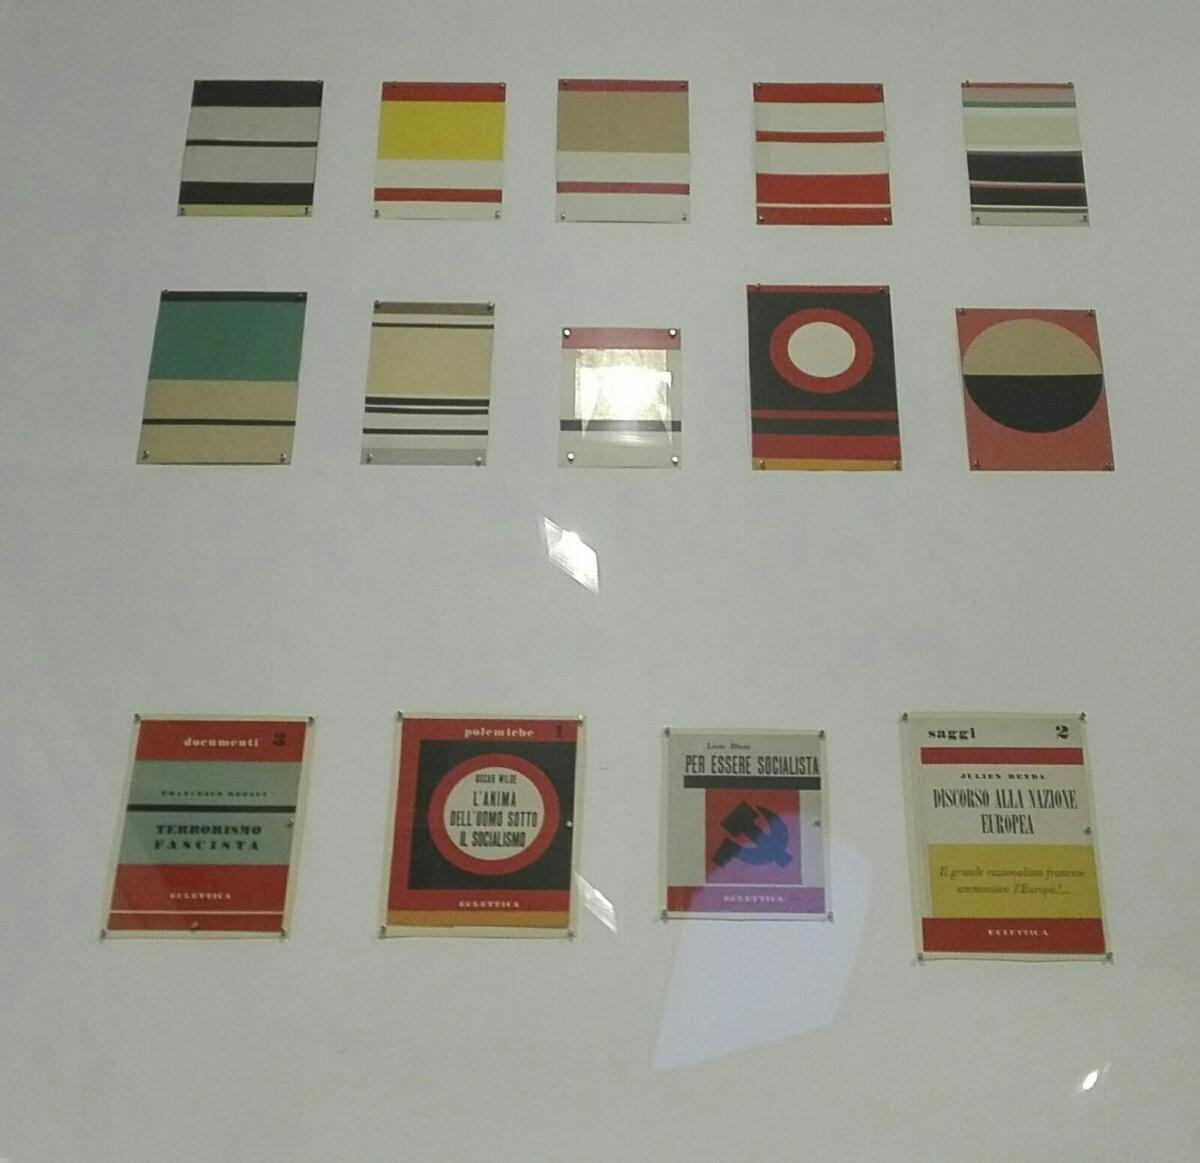 ettore-sottsass-libri